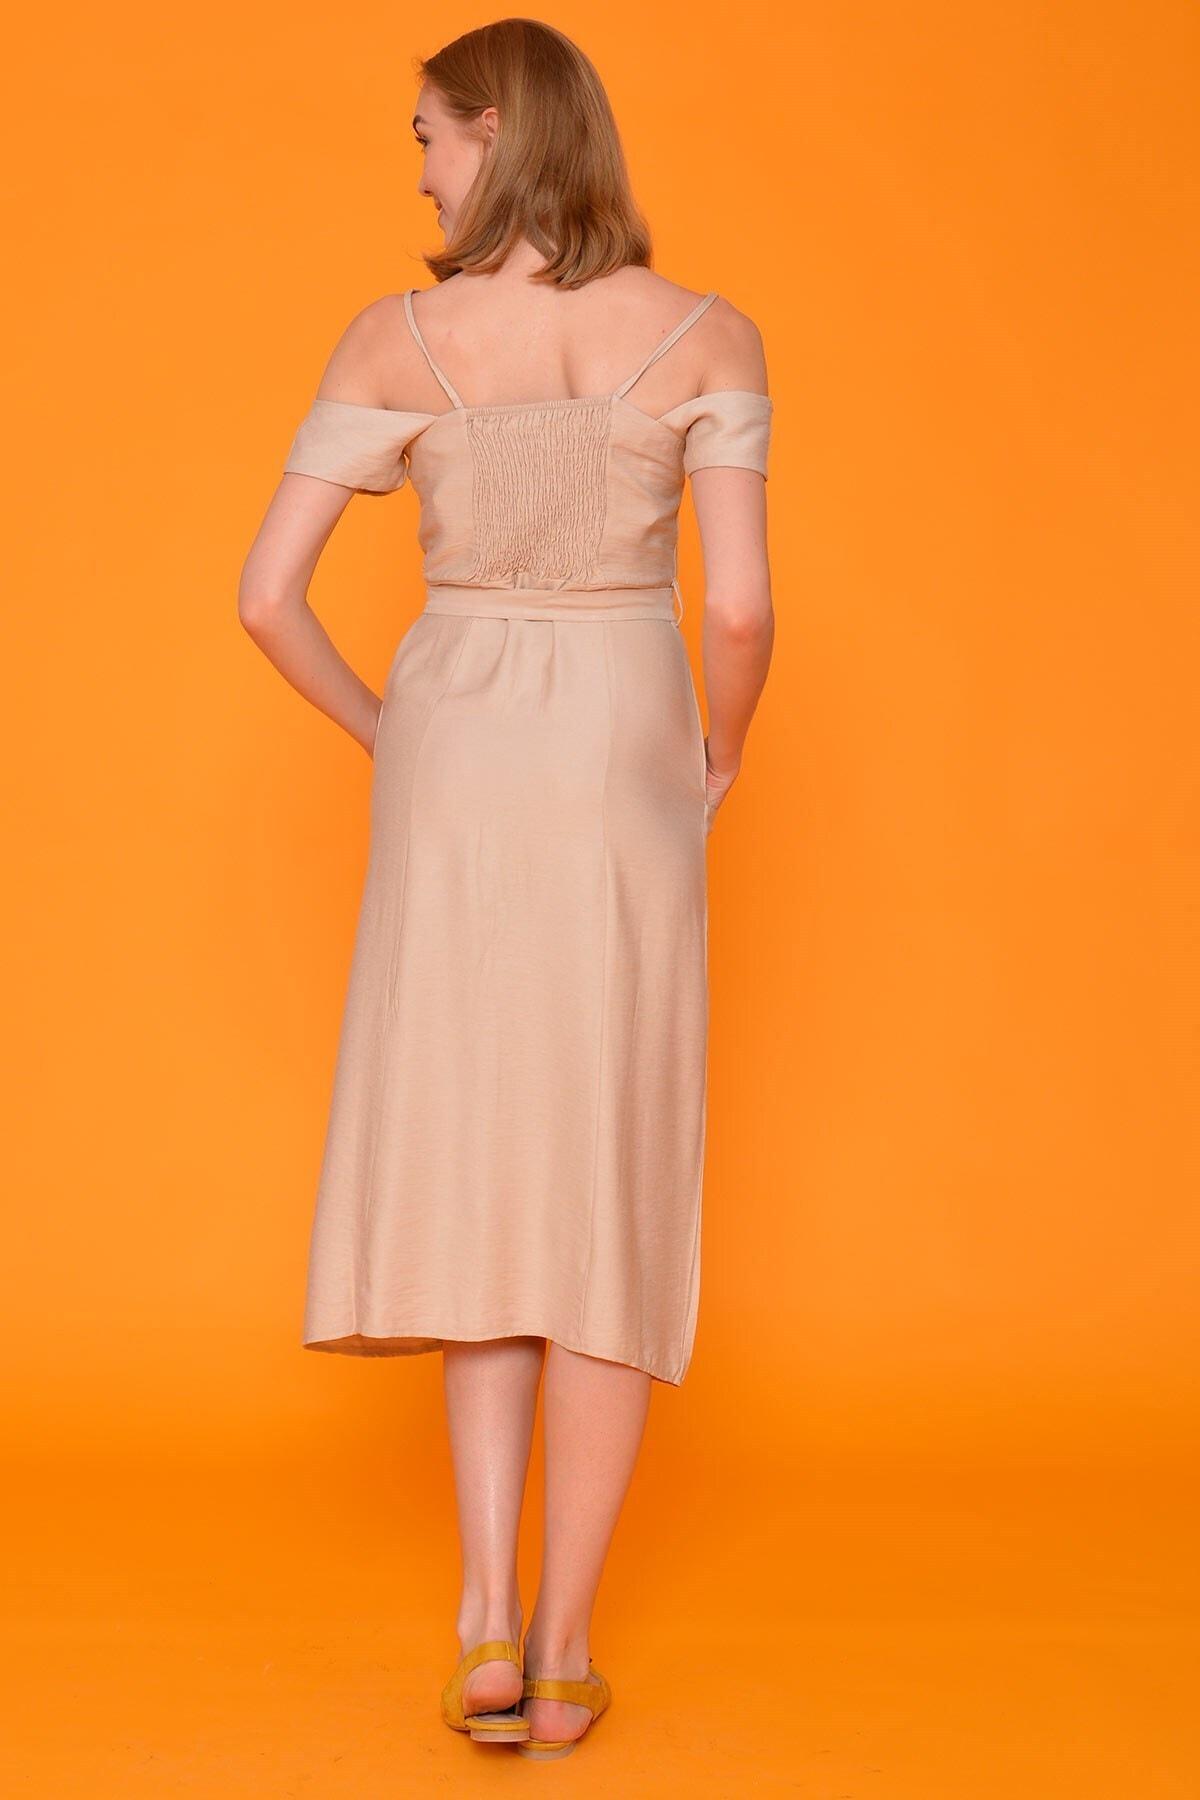 Mossta Kadın Bej İp Askı Keten Elbise 2